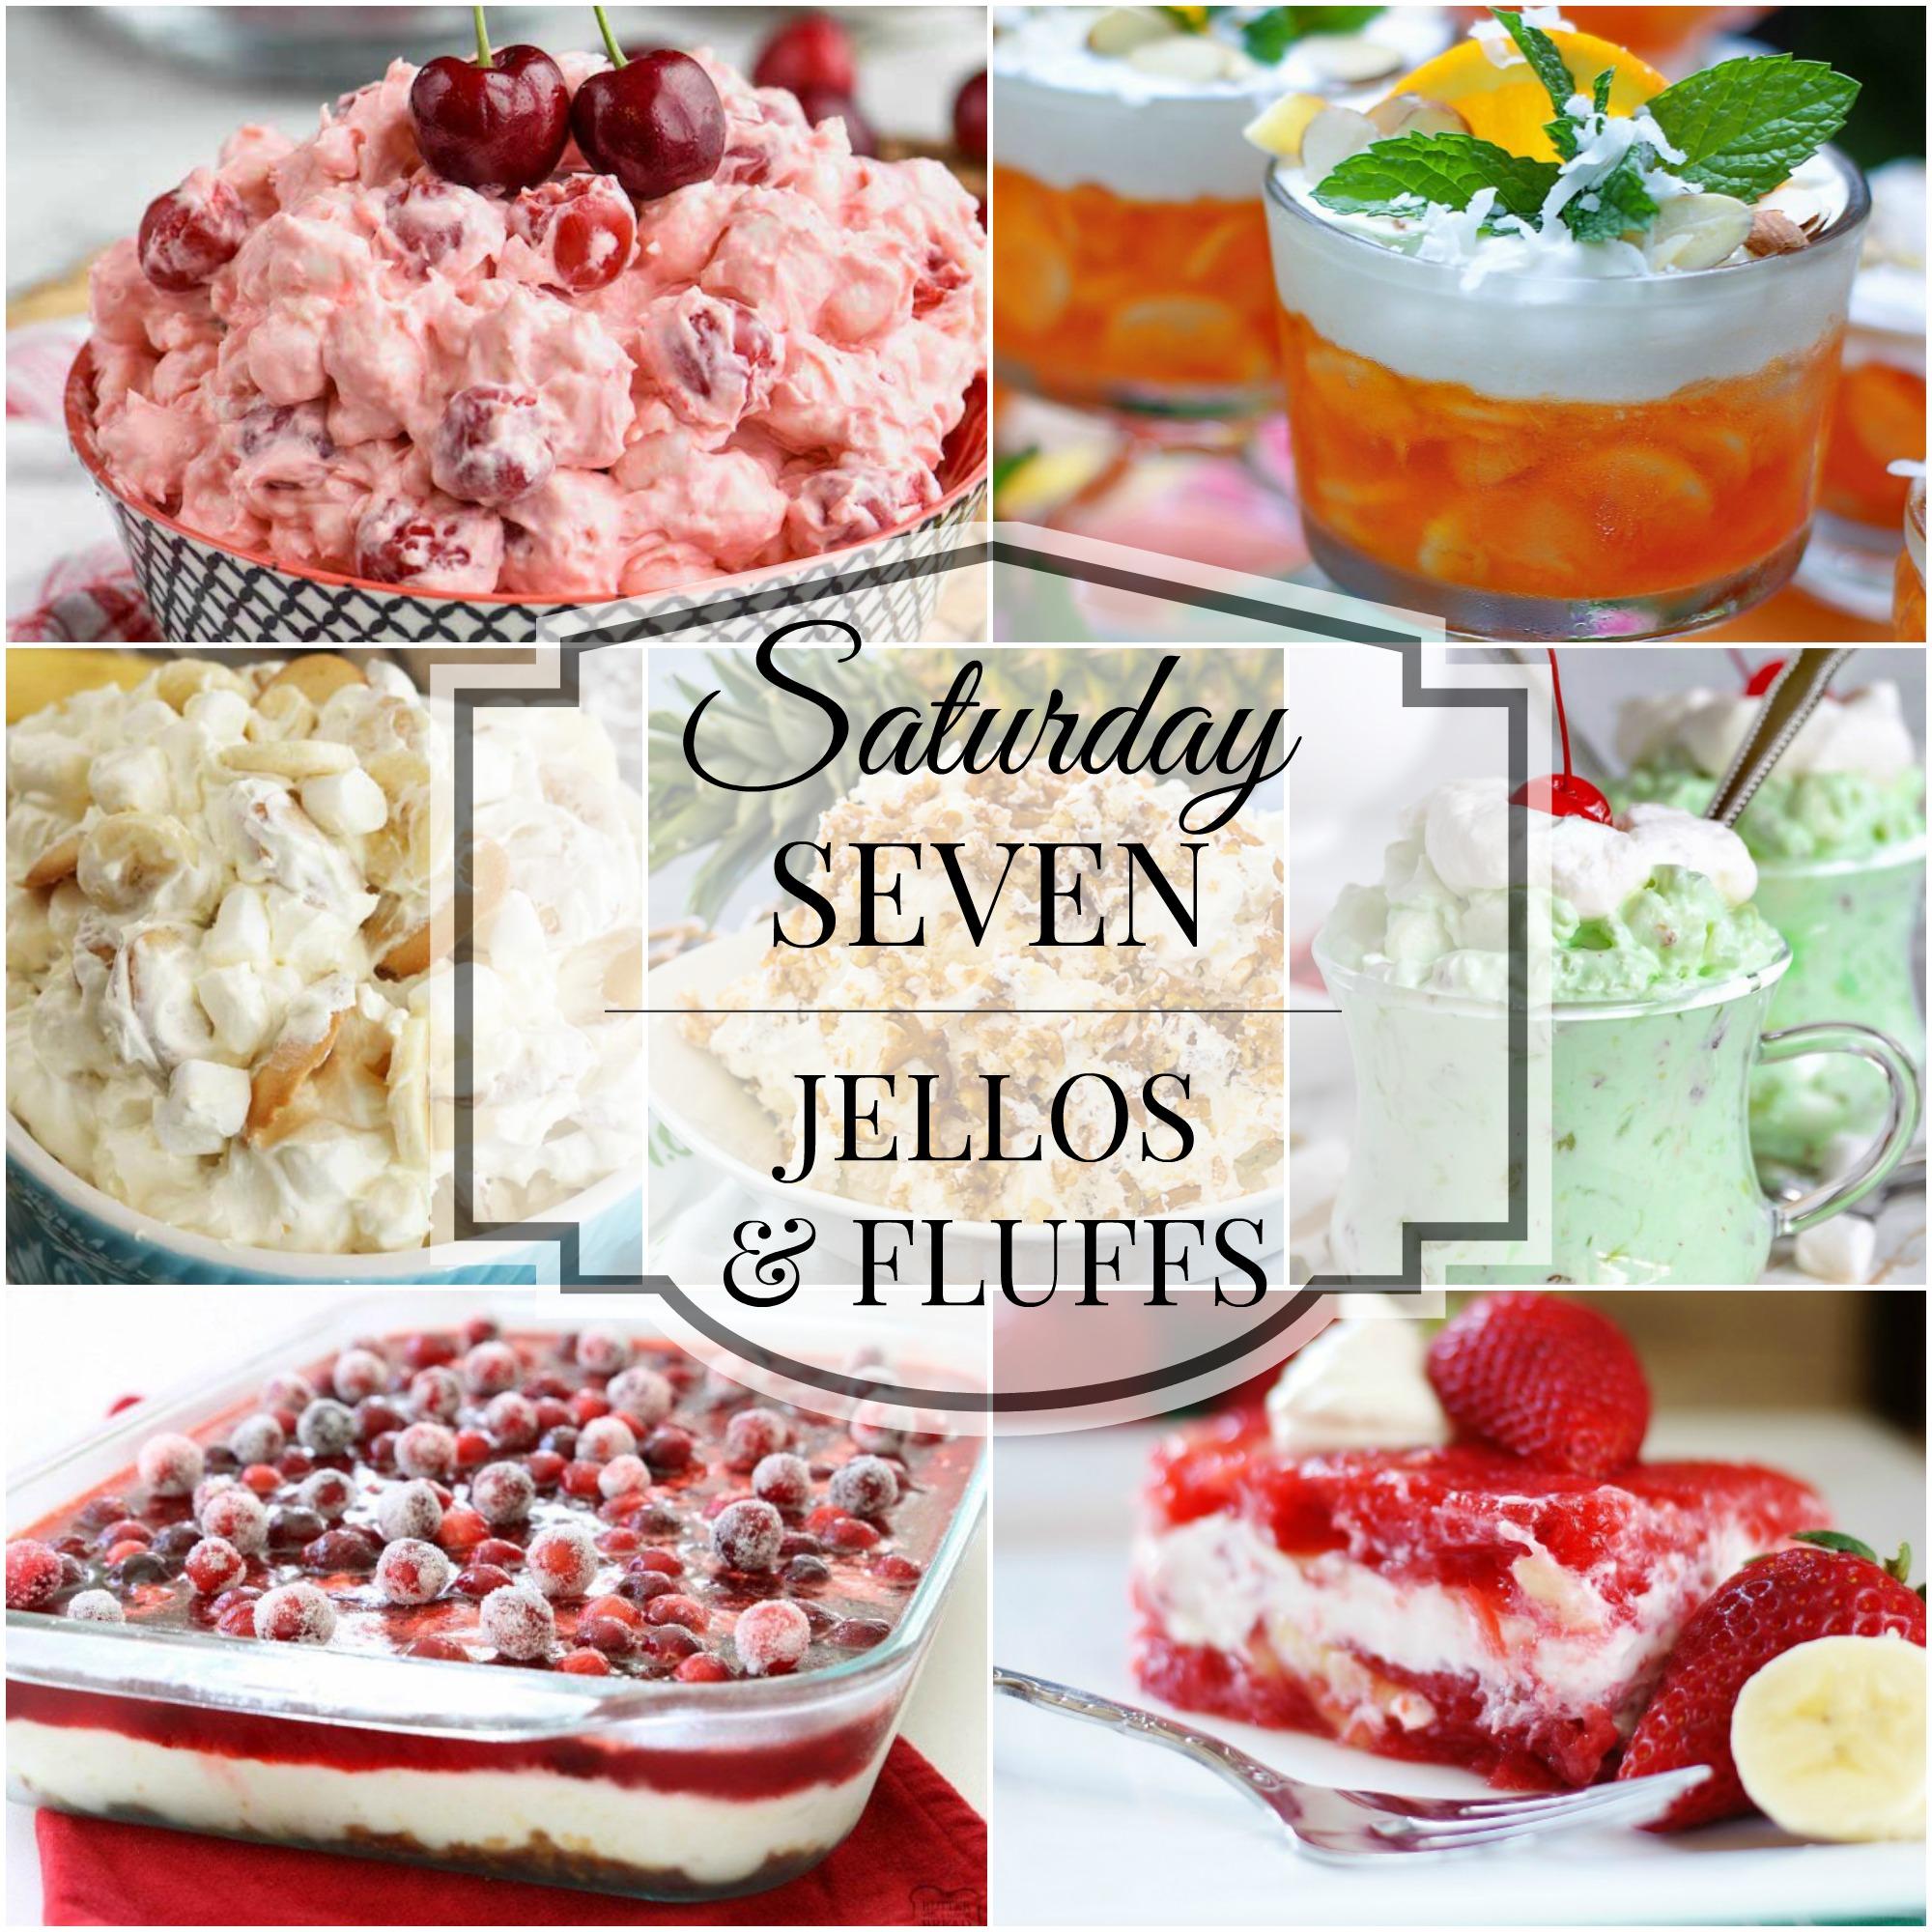 Saturday 7 Jello & Fluff Salads Title Collage